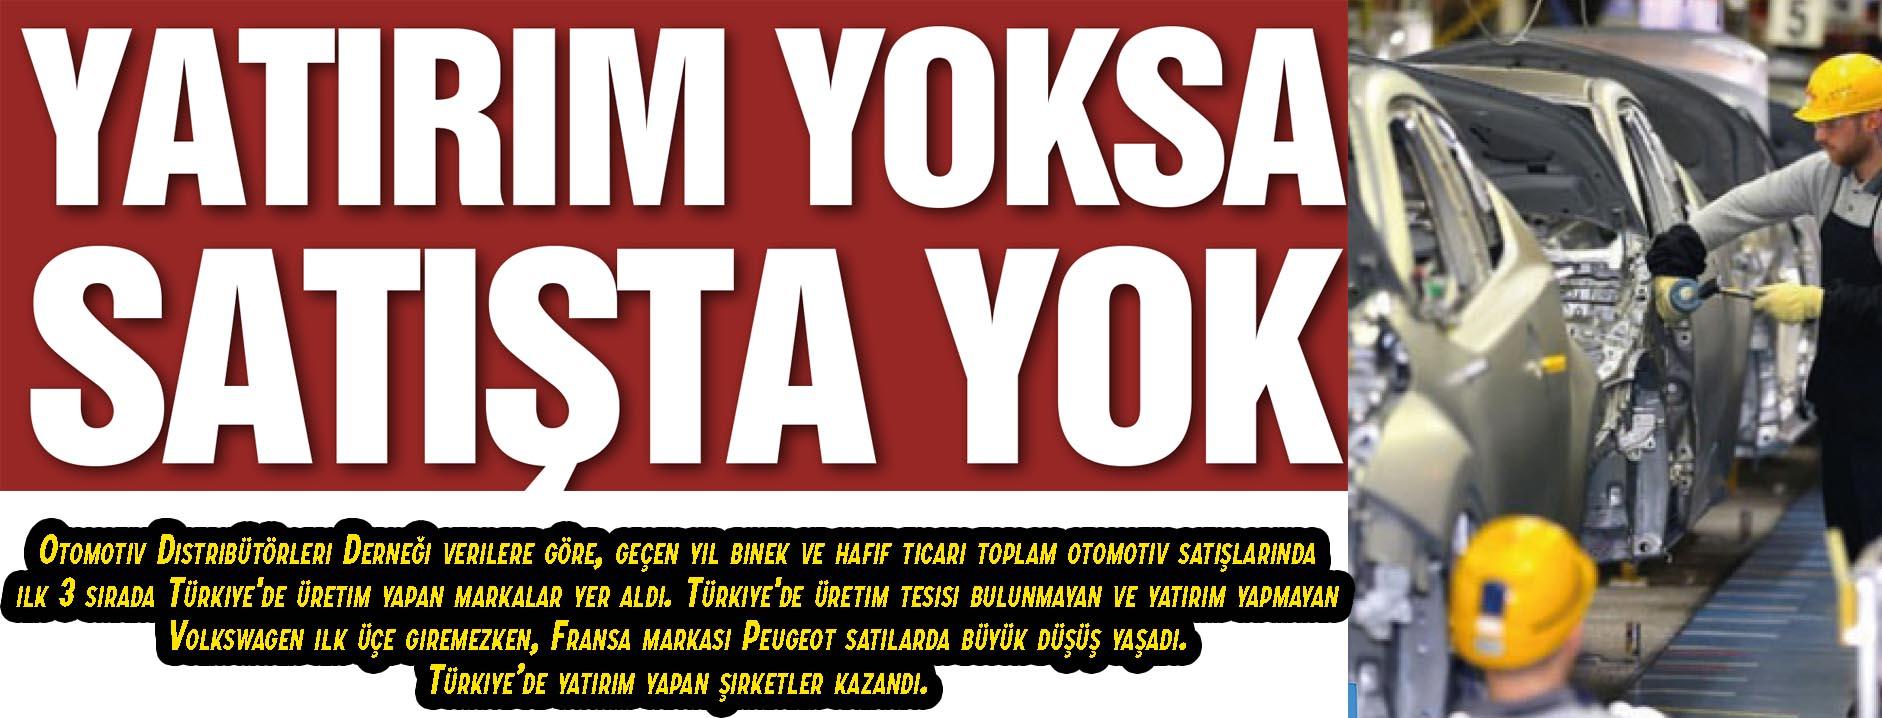 YATIRIM YOKSA SATIŞTA YOK